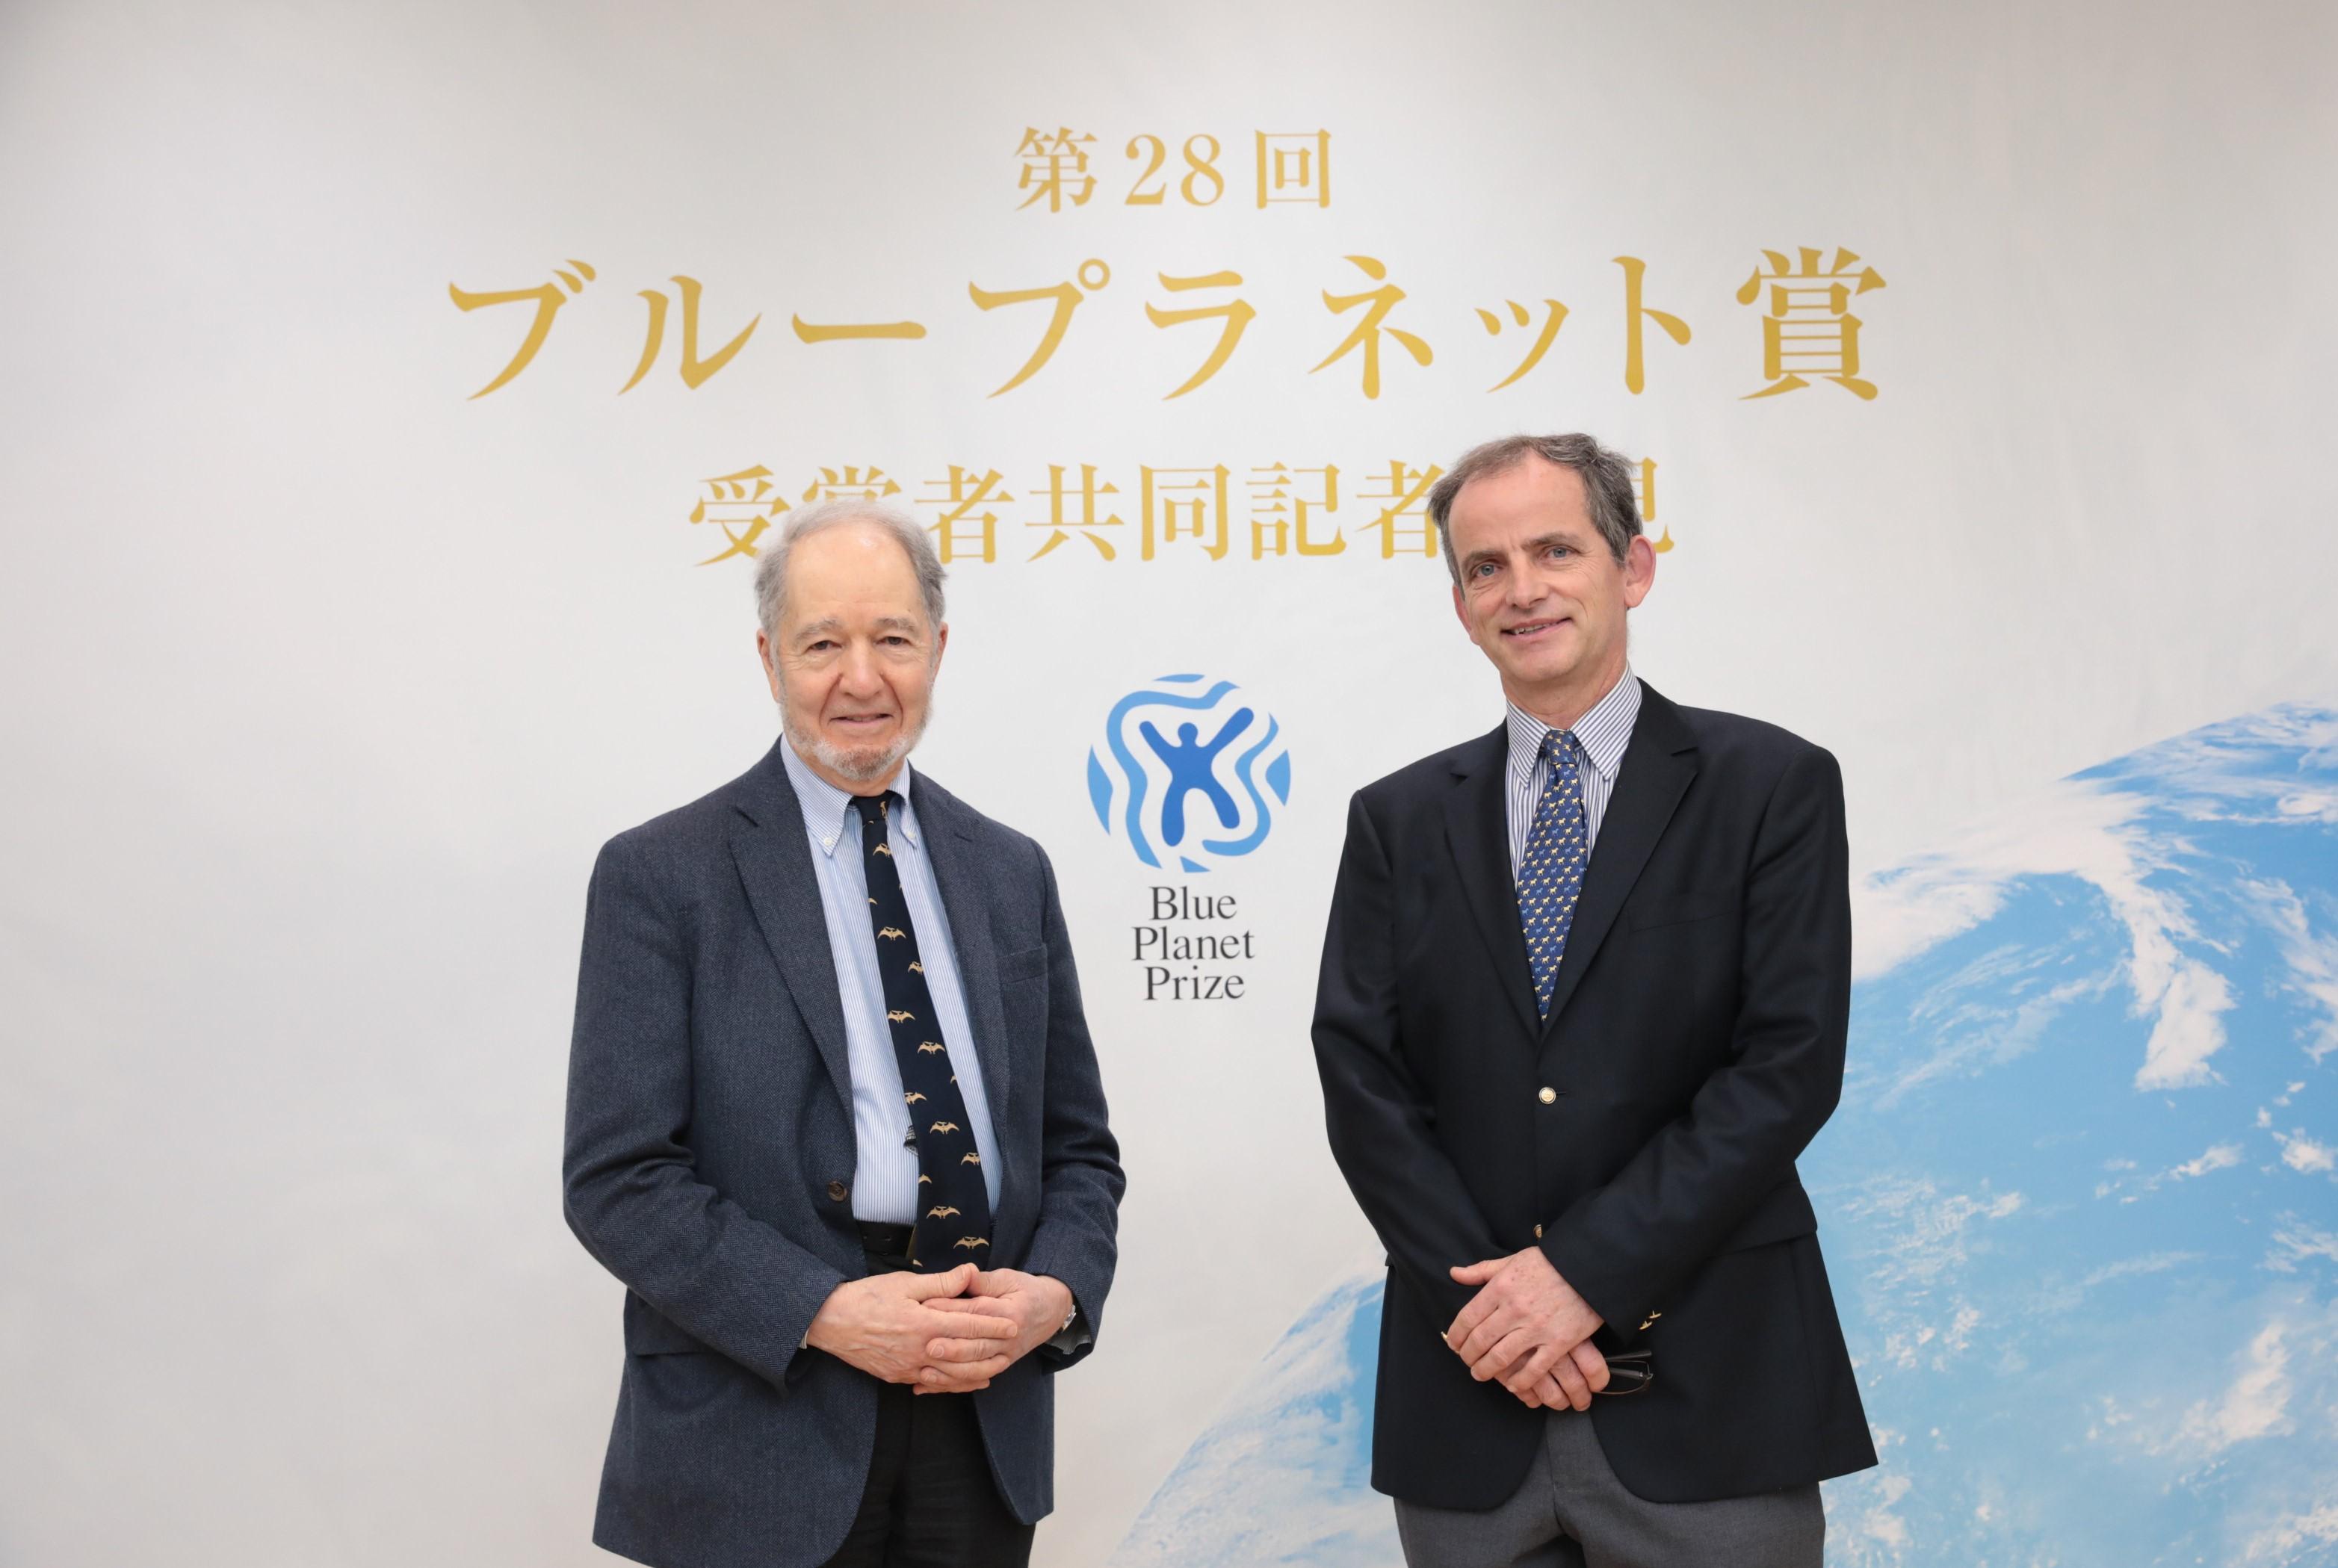 2019 年(第 28 回)ブループラネット賞 受賞者記者会見を実施 画像